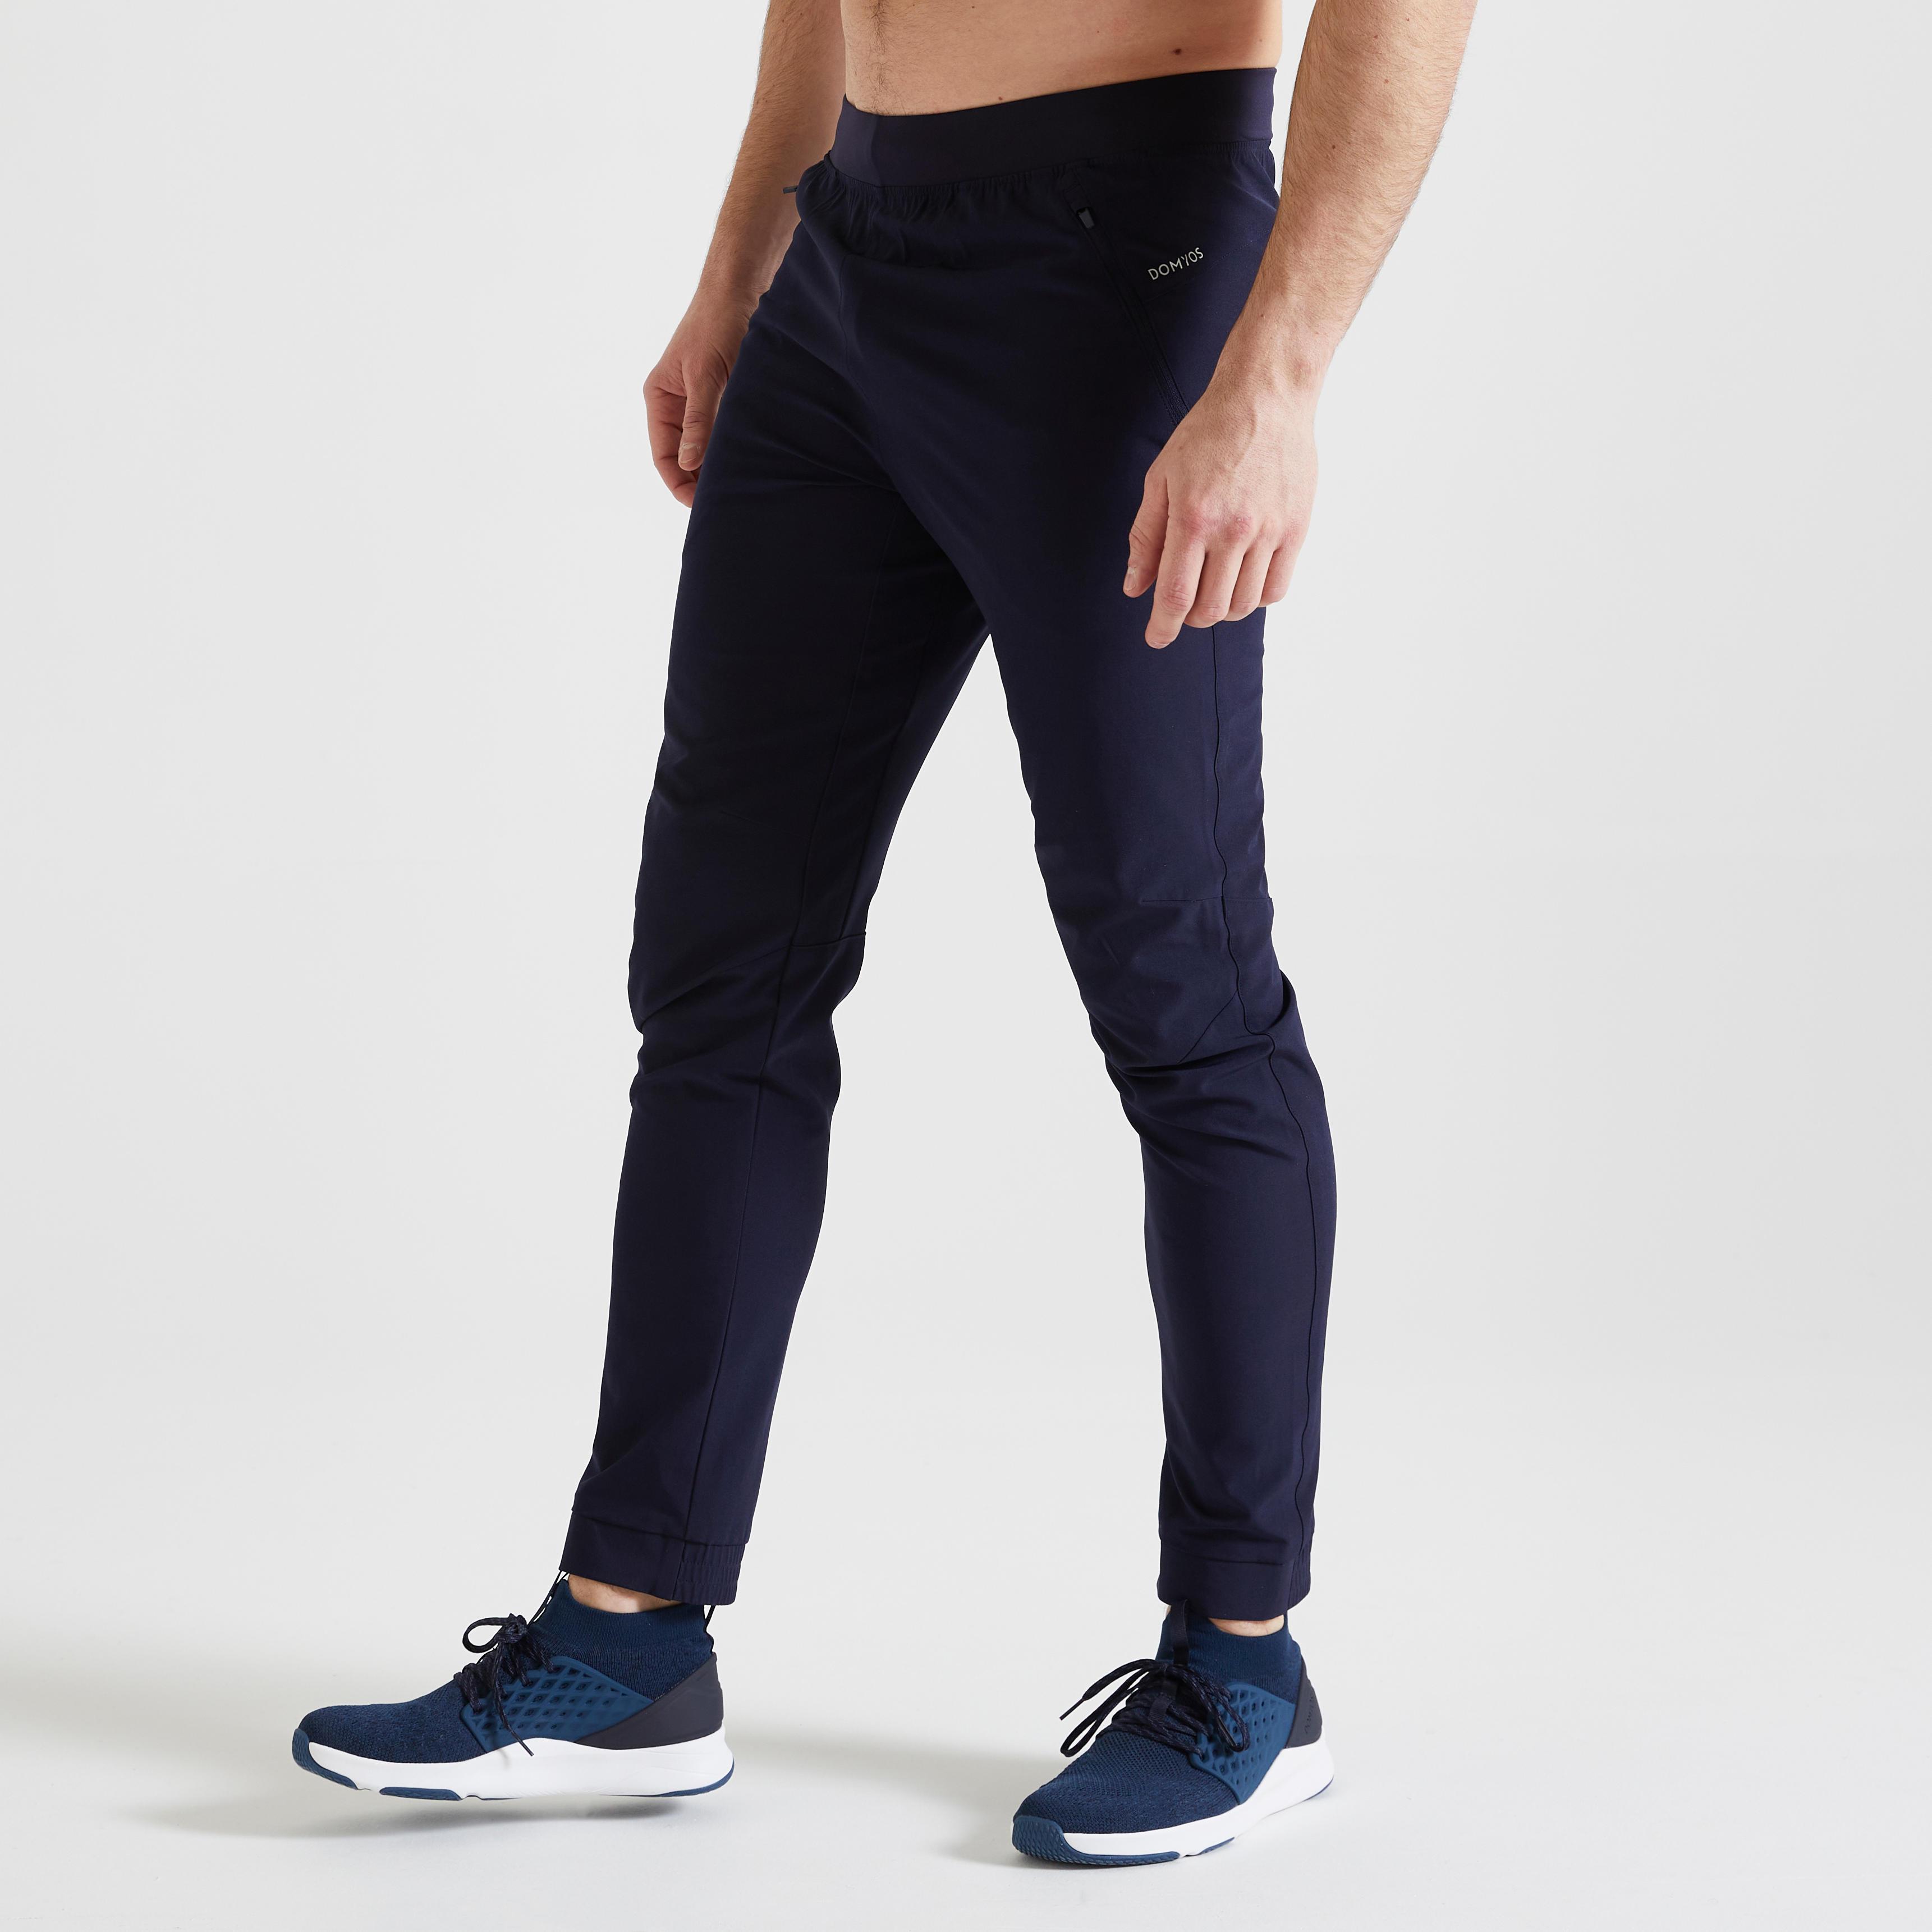 Pantalon fitness 500 bărbați